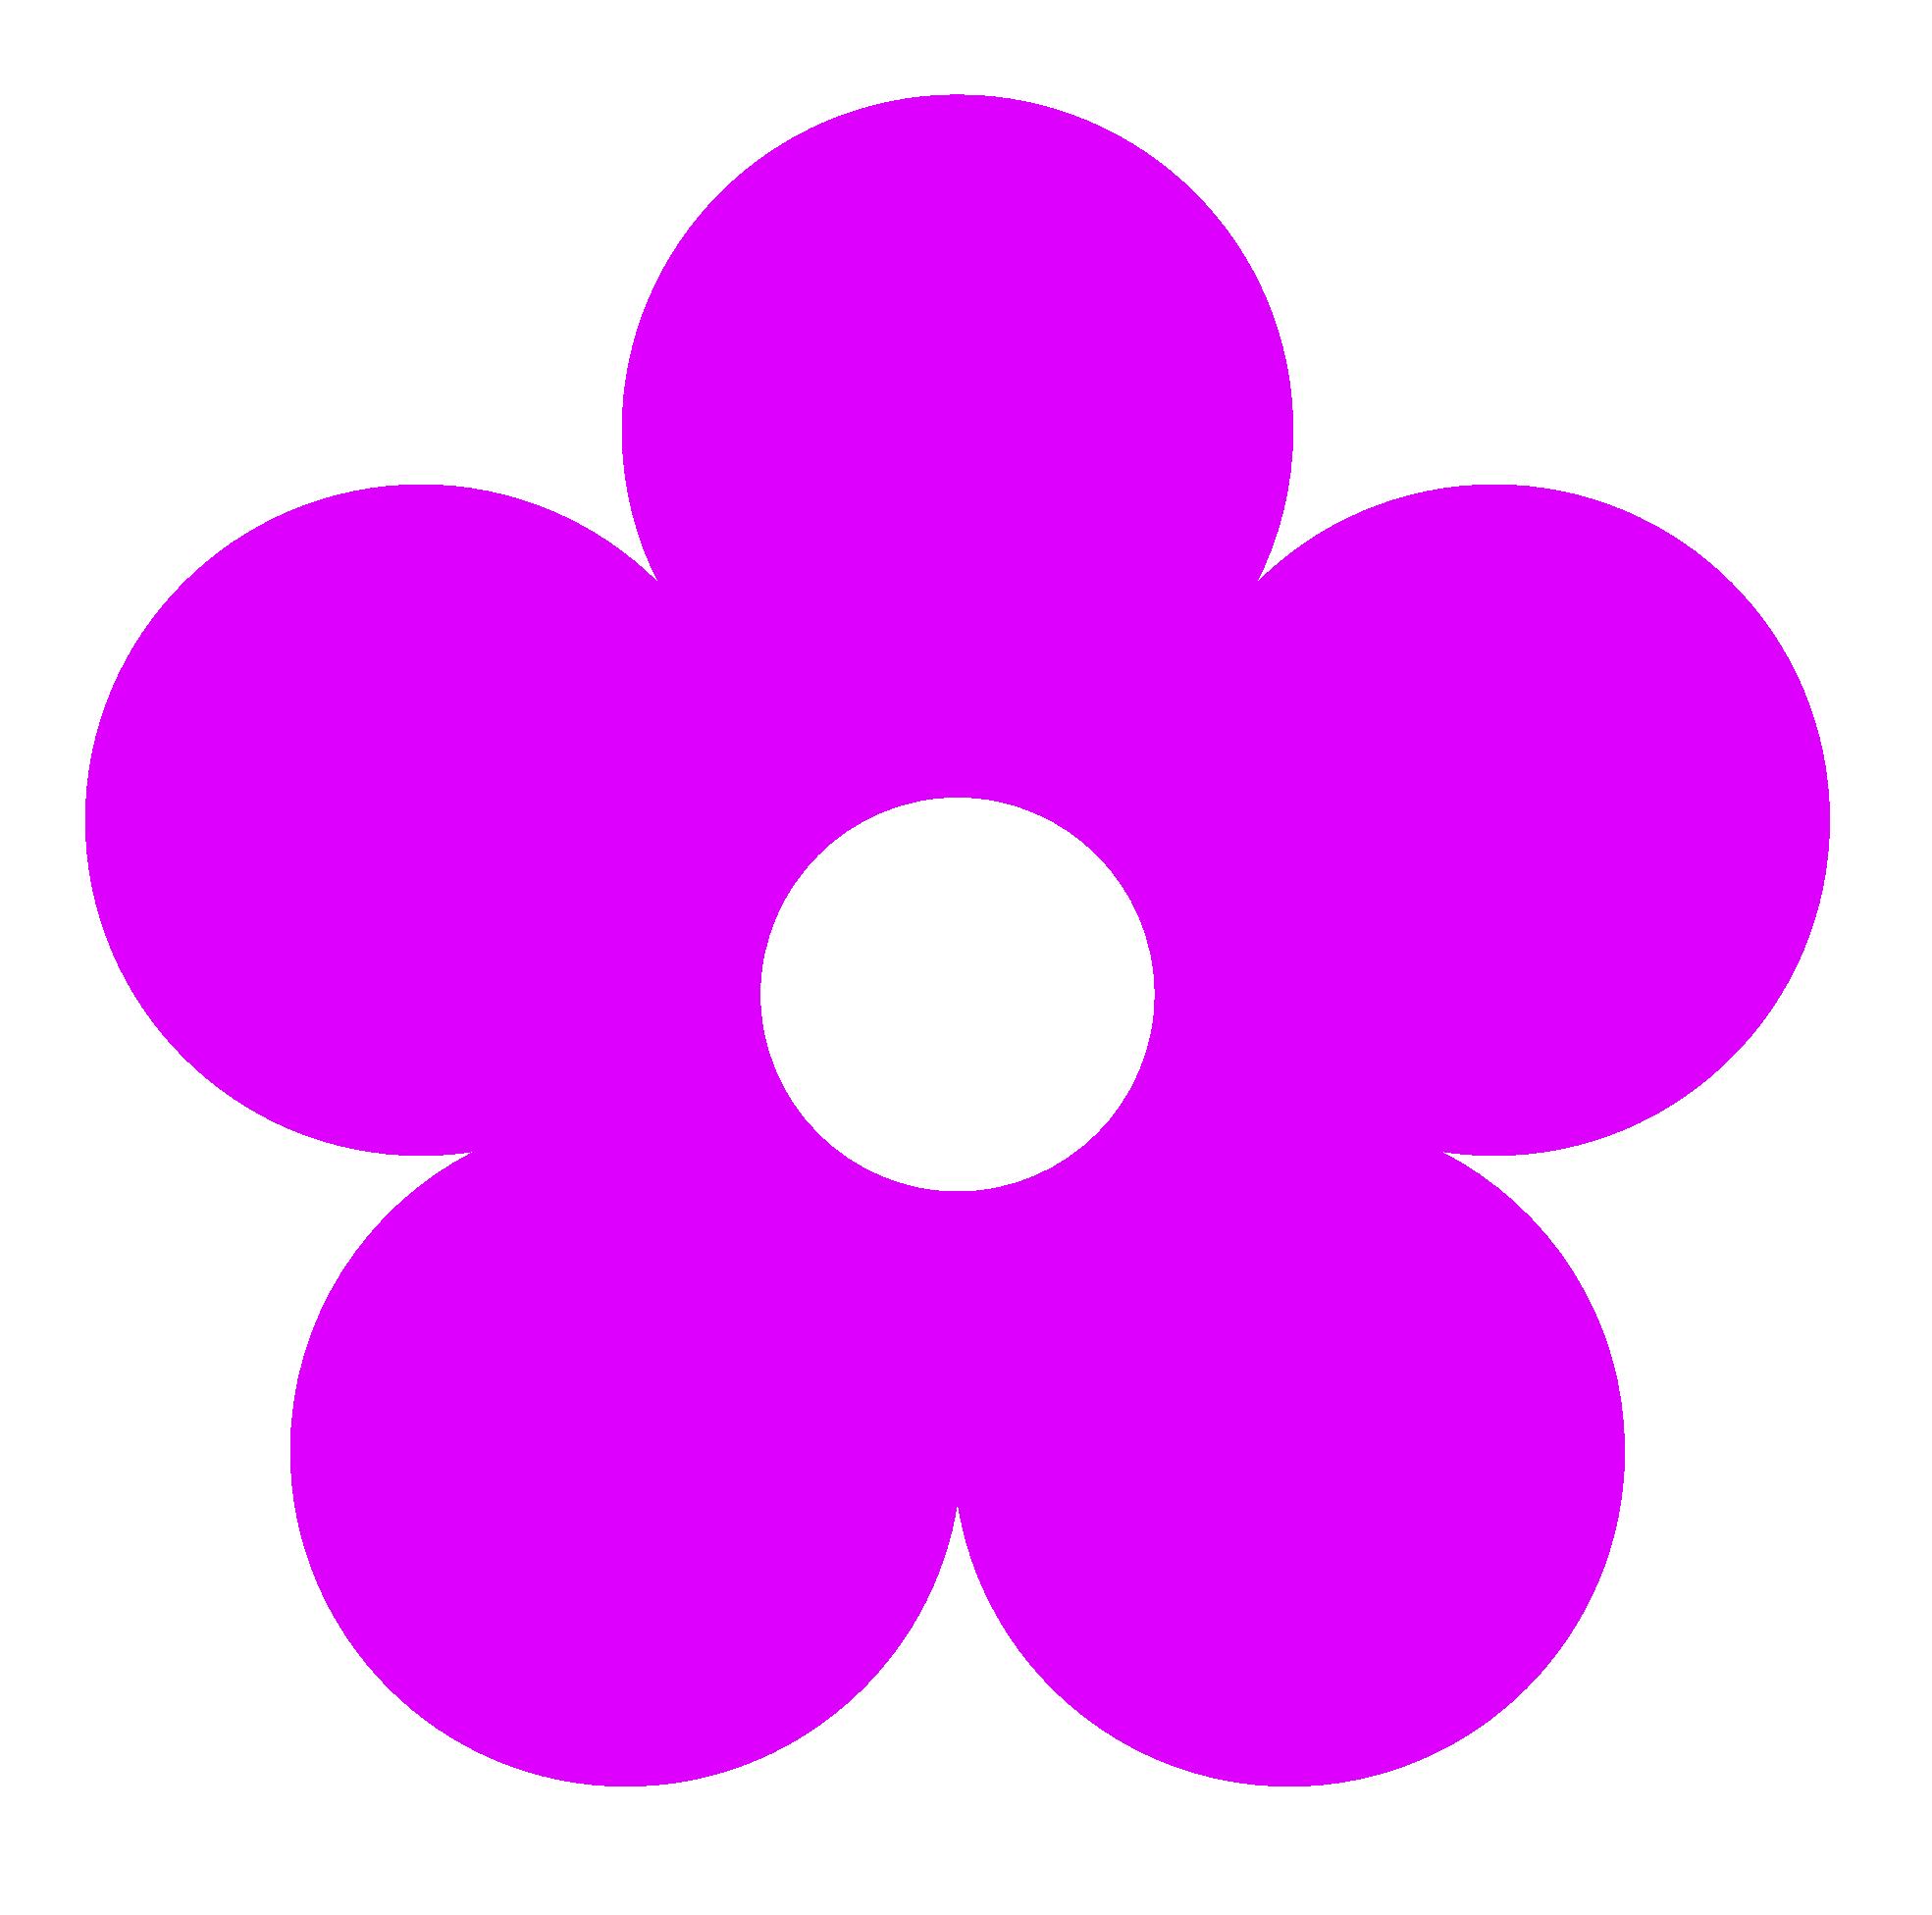 Flower color clipart. Retro panda free images